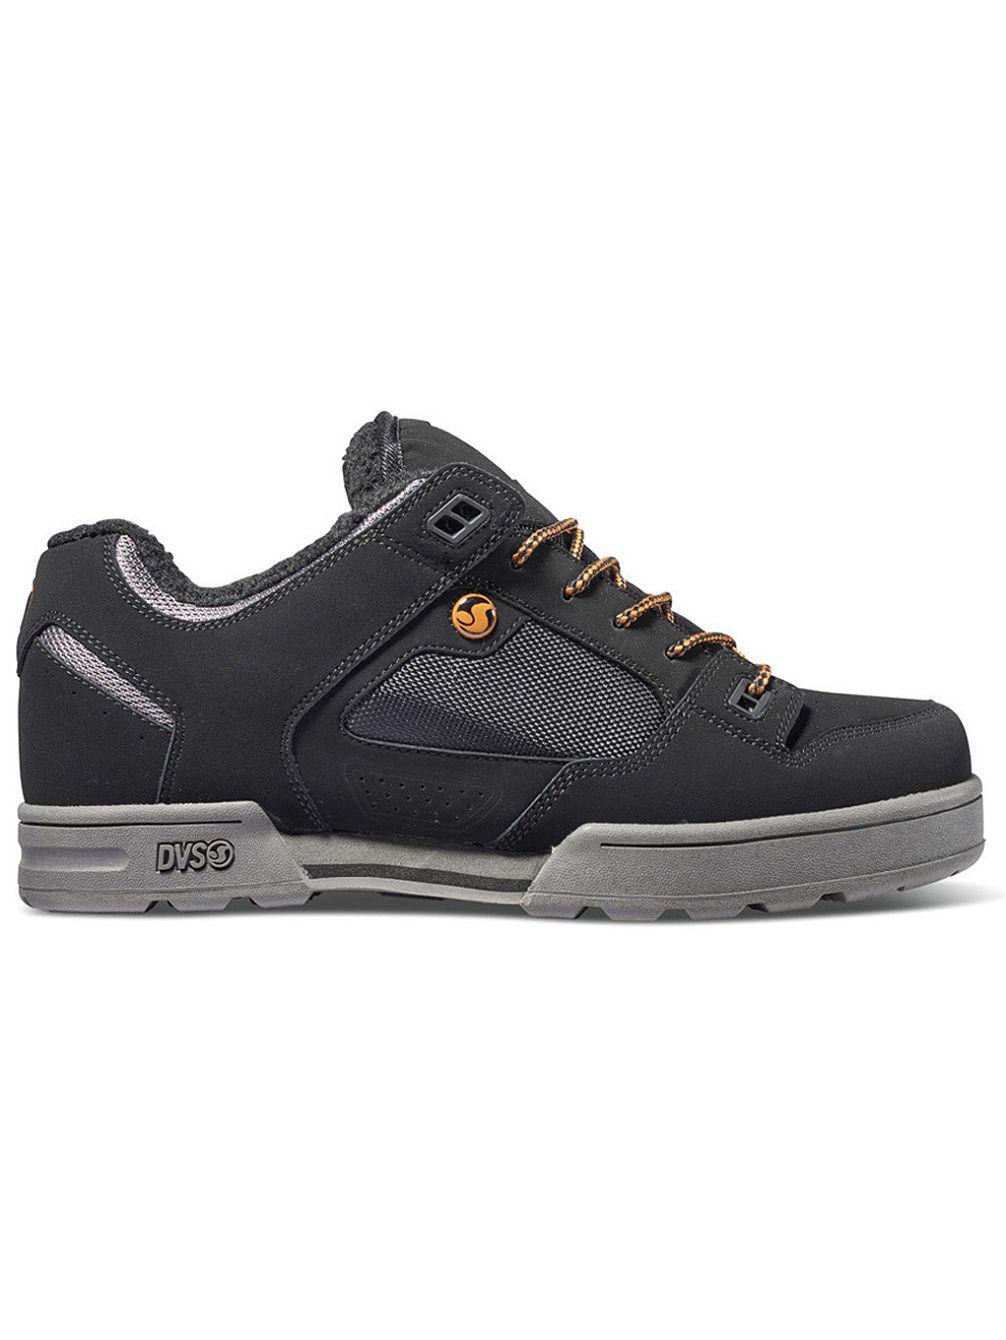 3d63bbe07c23 Militia Shoes